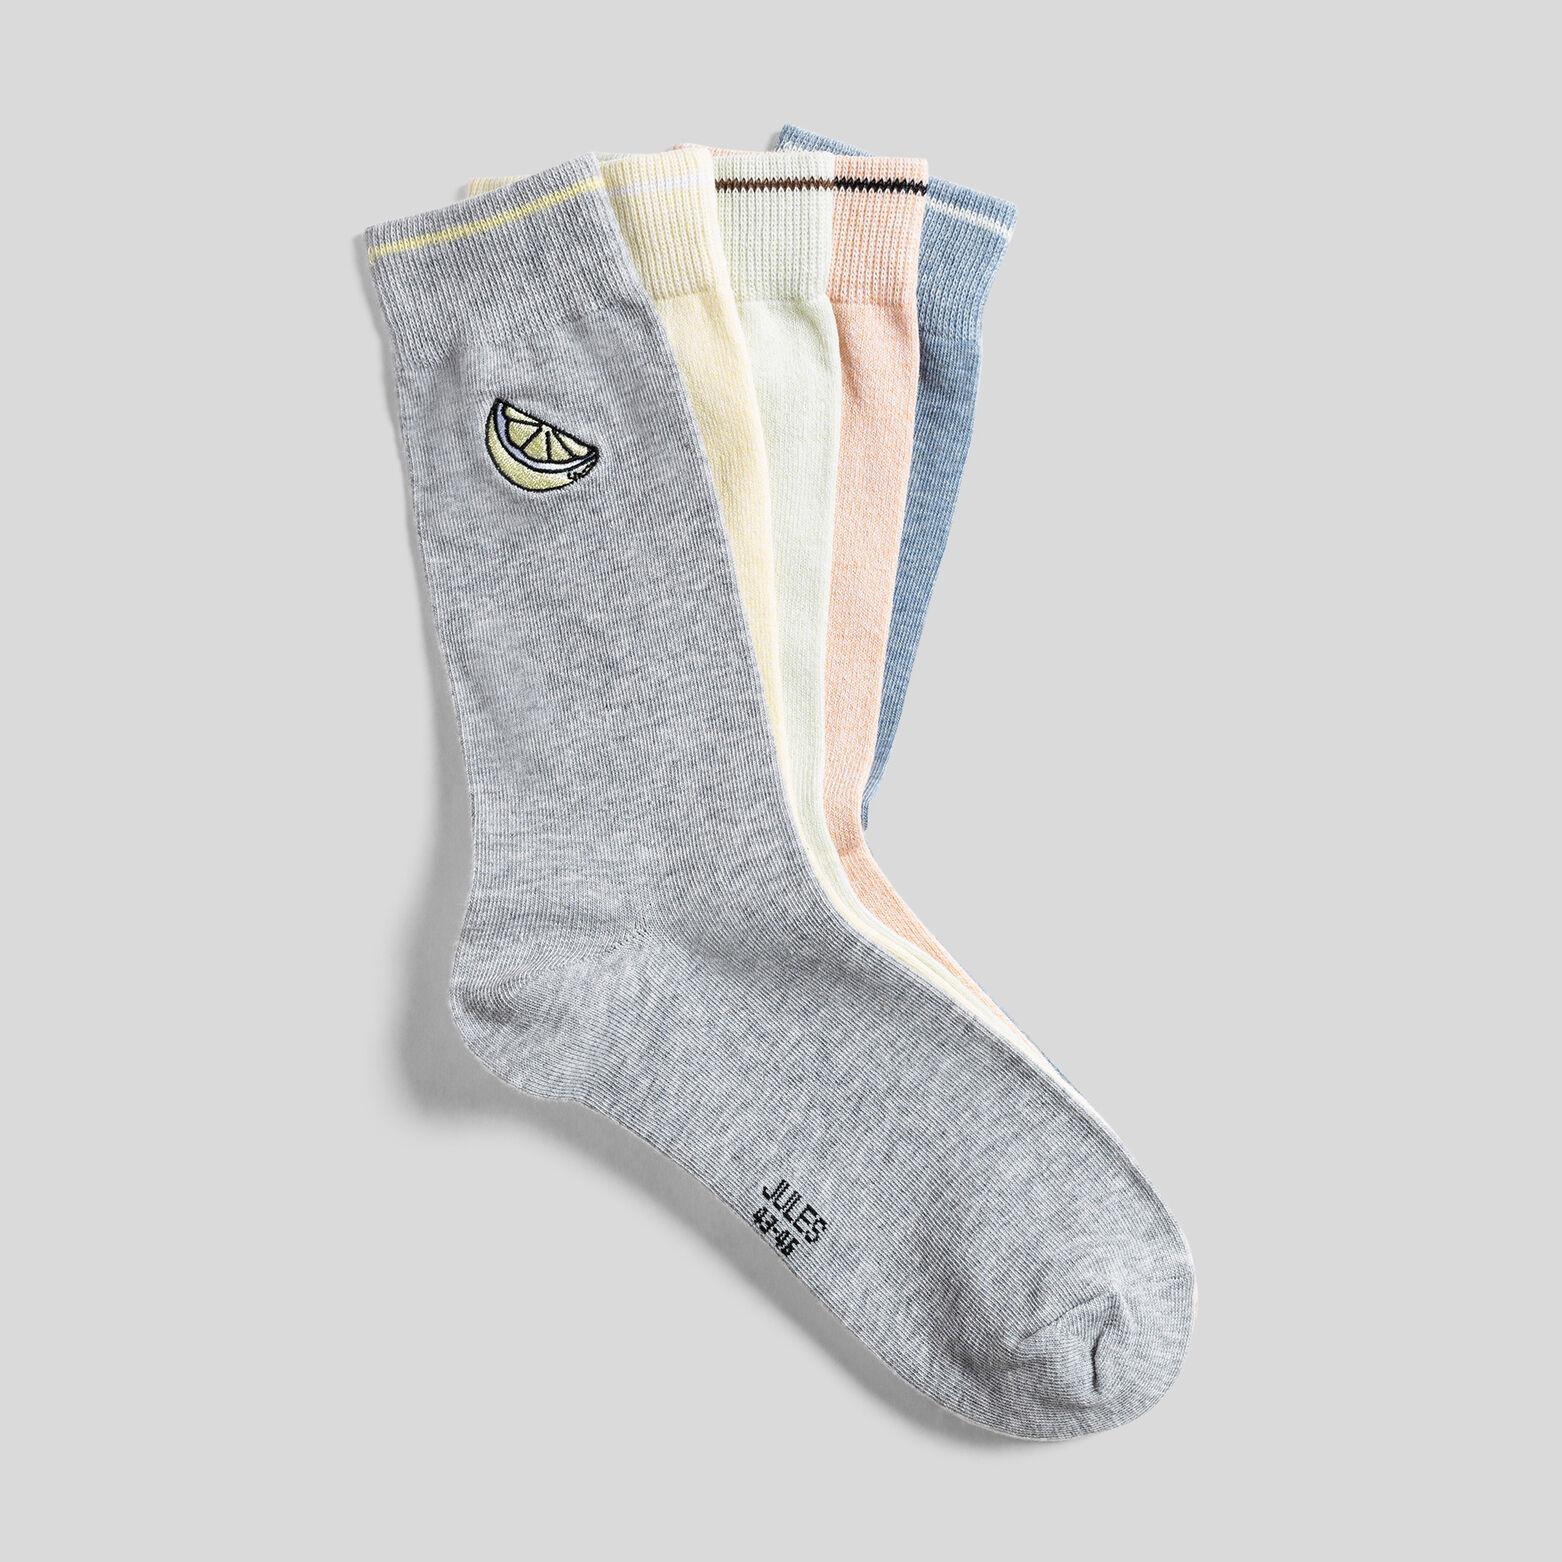 Lot de 5 paires de chaussettes avec broderie coton